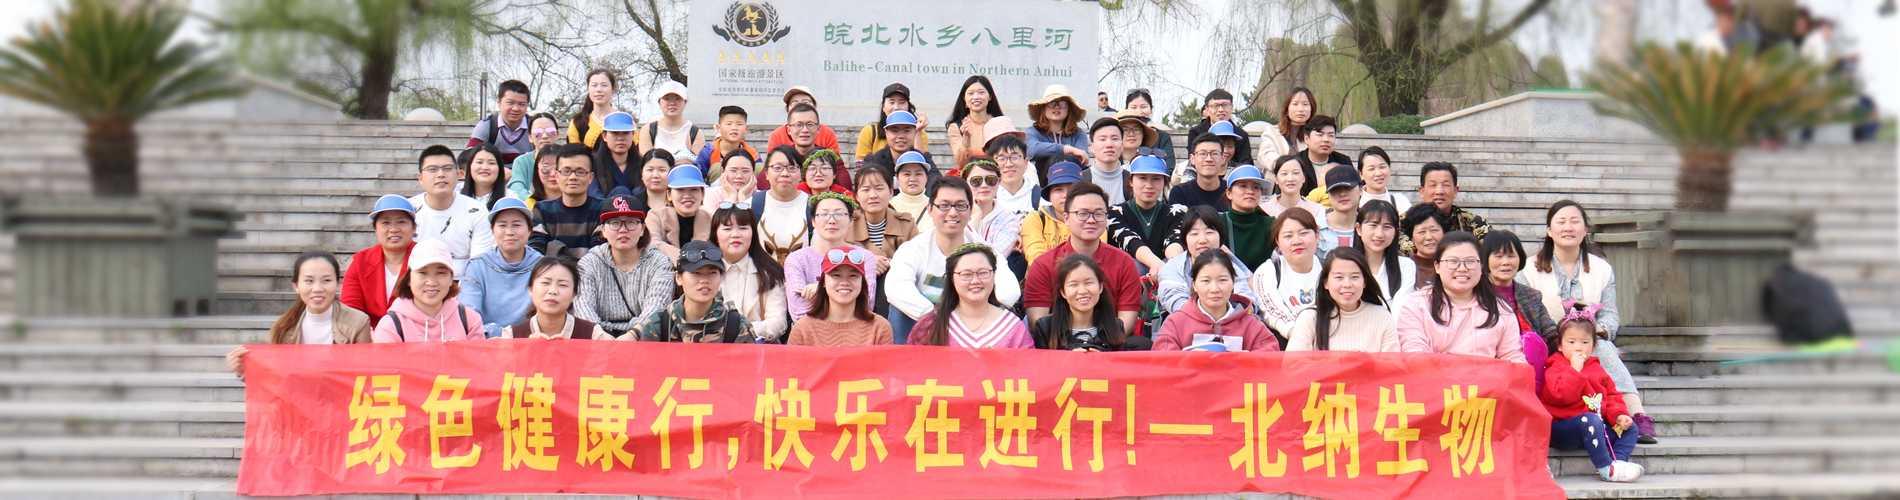 公司新闻-www.bncc.org.cn北纳生物